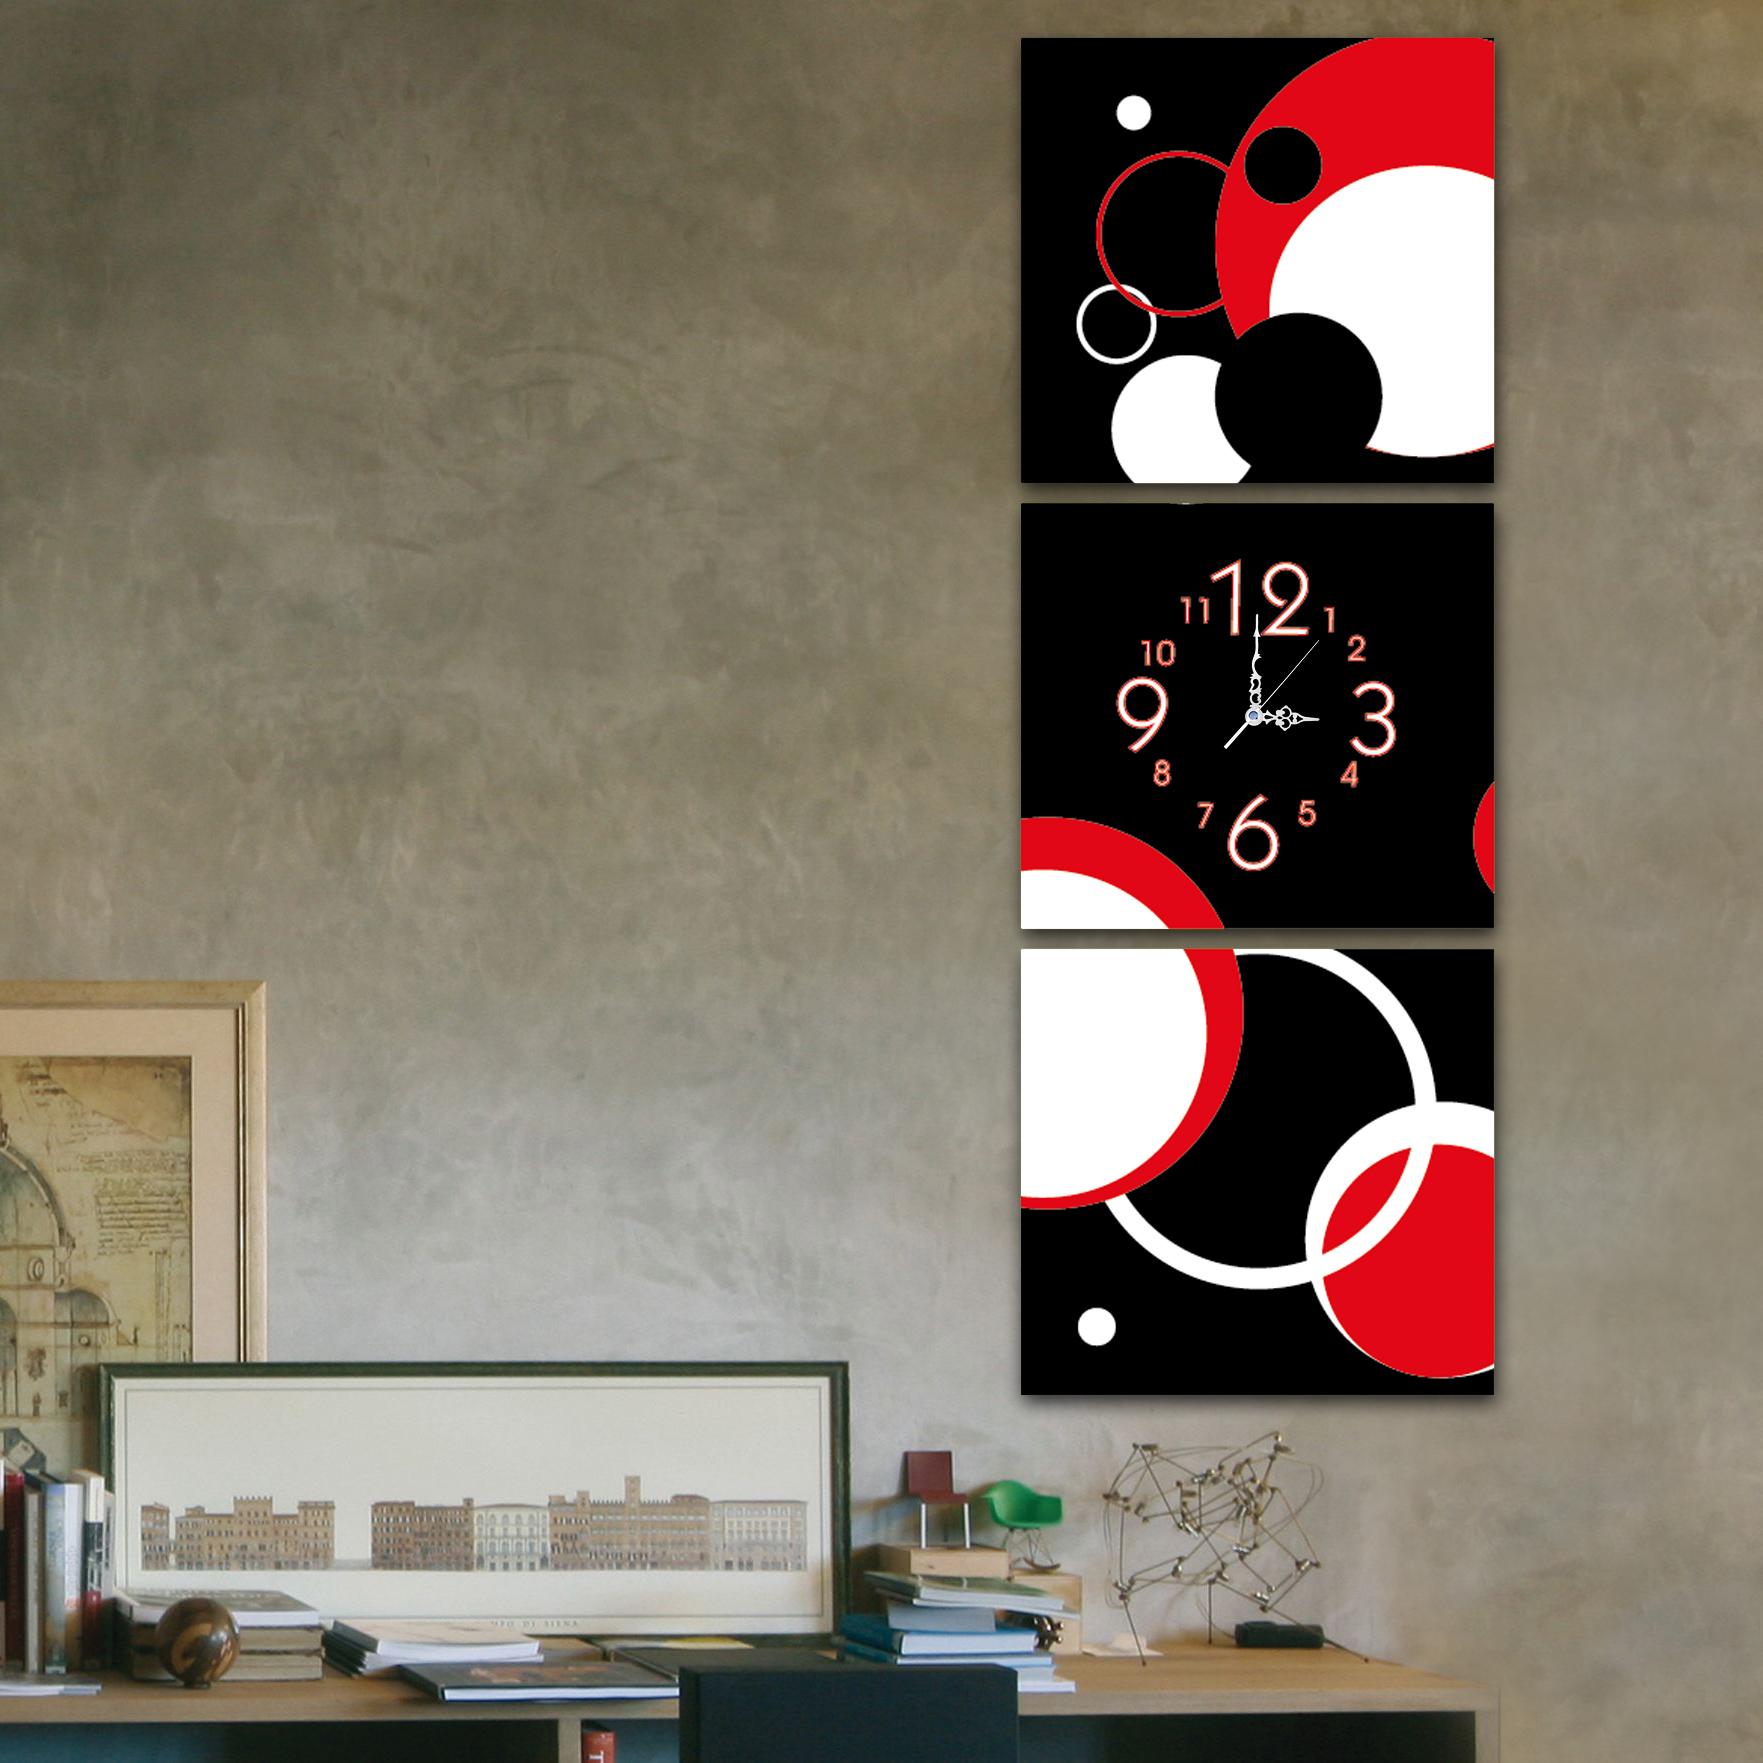 Charly 3 30 cm x 100 cm cuadros decorativos for Donde puedo comprar cuadros decorativos